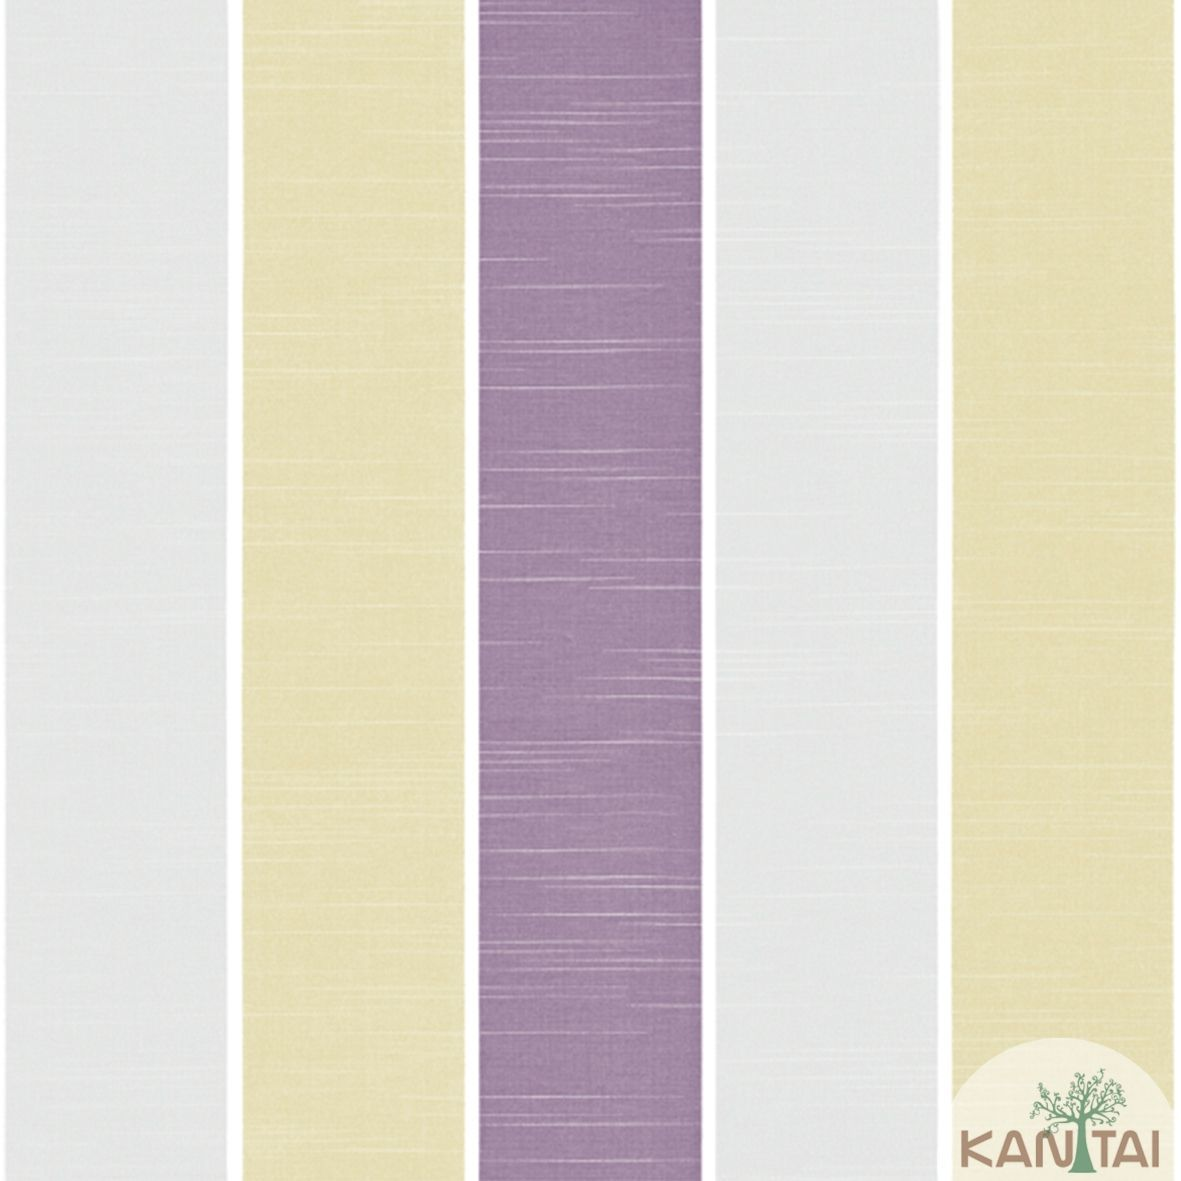 Papel de Parede Importado  Kan Tai  TNT Coleção Davinci II Listras Cinza, Branco, Amarelo Ouro, Violeta